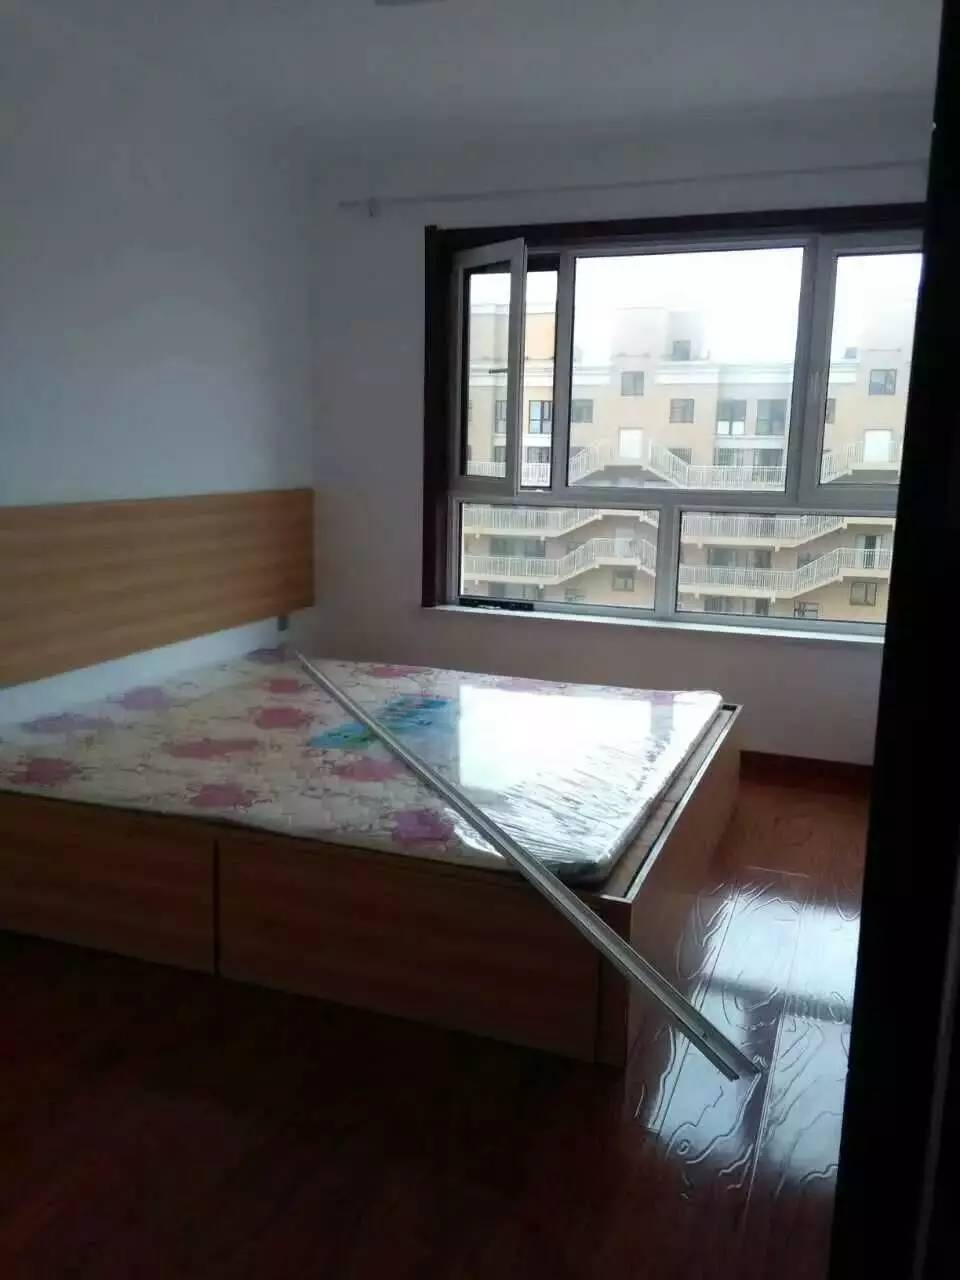 浦东花园3室2厅2卫35㎡次卧带阳台精装地铁口